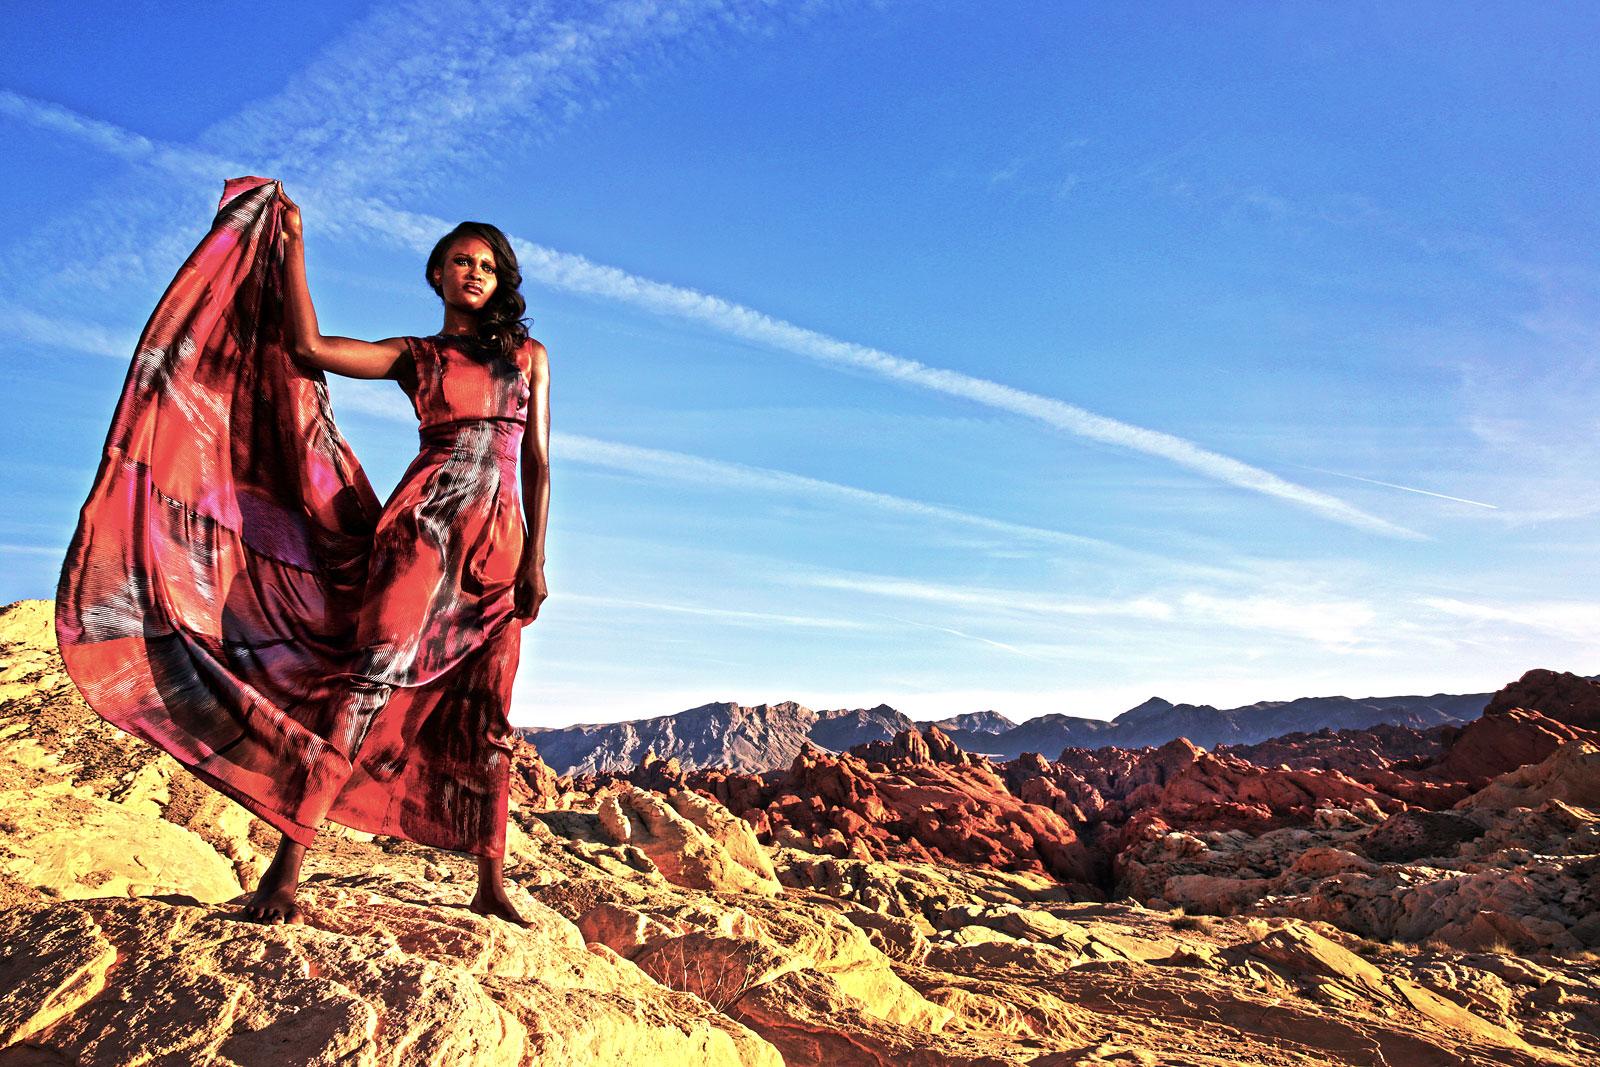 Foto van vrouw in rode jurk in ruig landschap